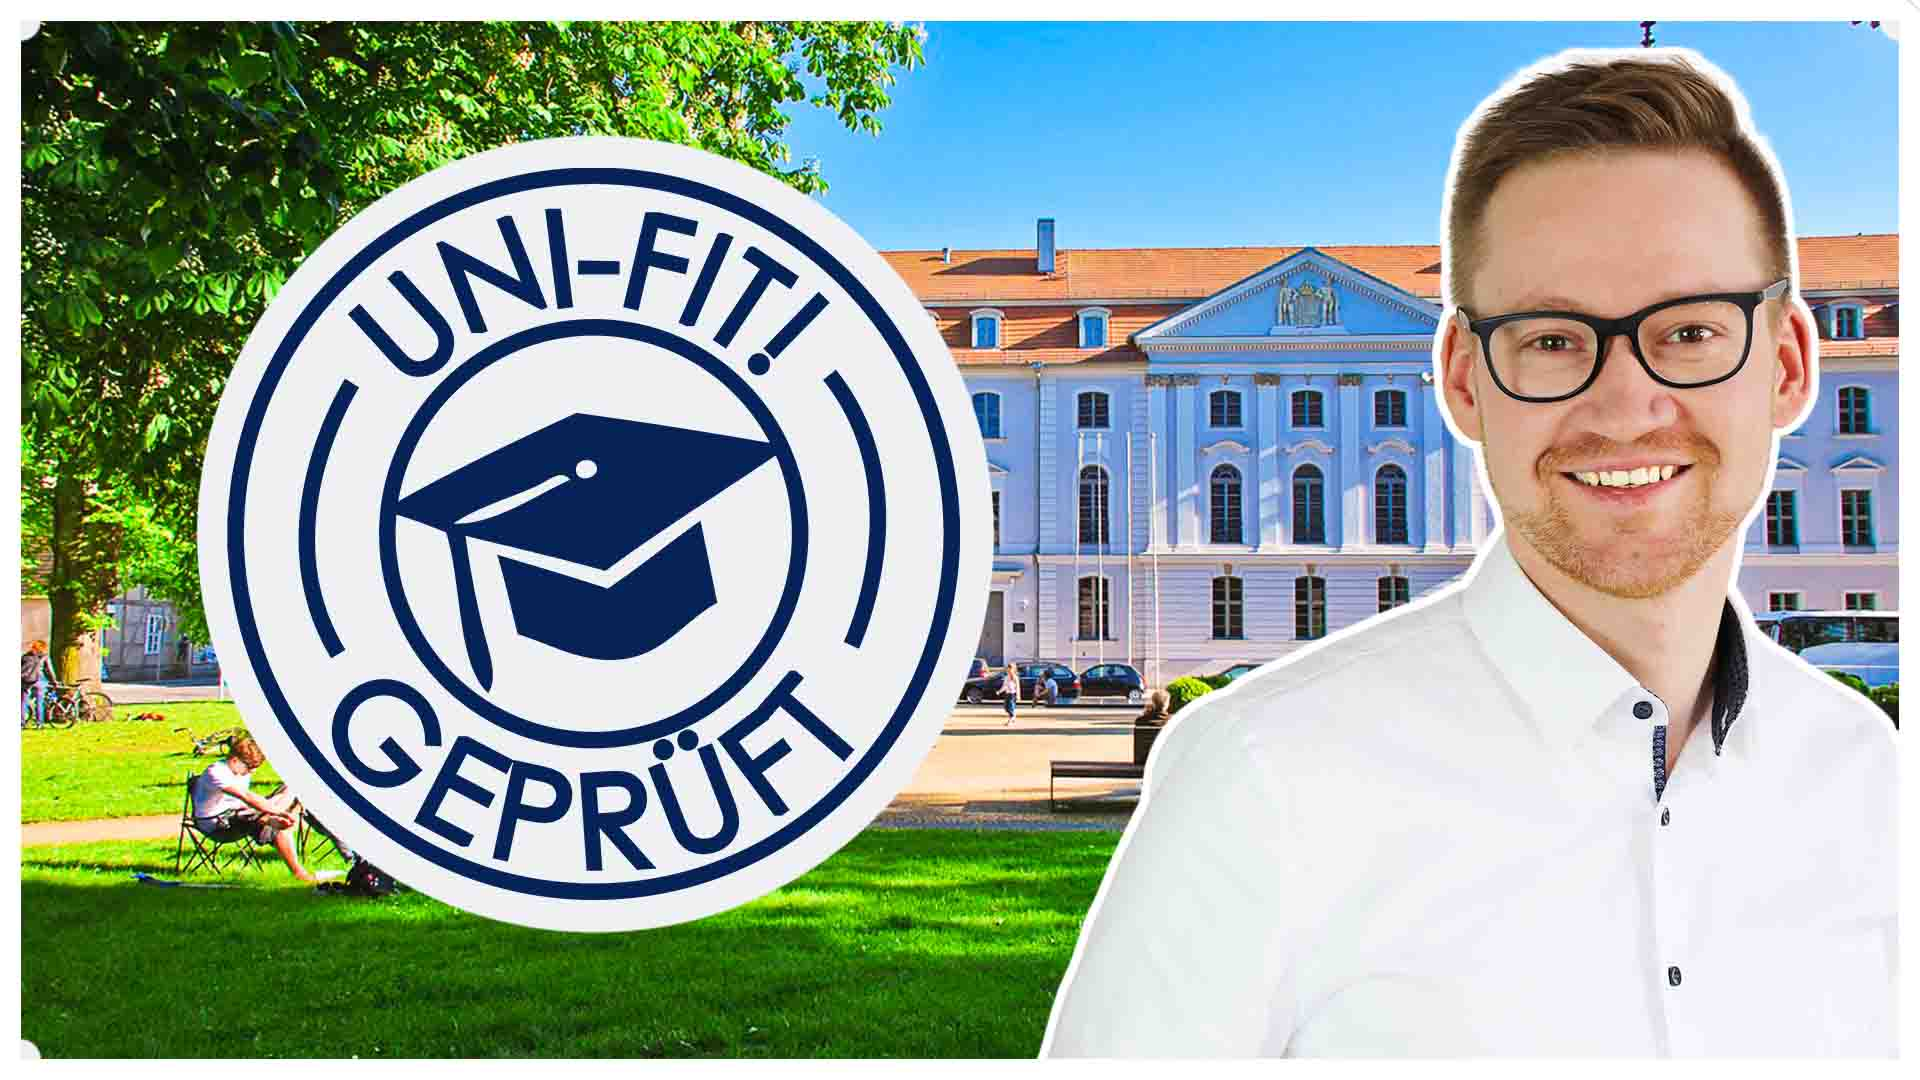 Hier ist die Universität Greifswald im Hintergrund zu sehen. Davor ist rechts Dr. Daniel Hunold abgebildet. In der Mitte befindet sich das Logo des Onlinekurses unifit